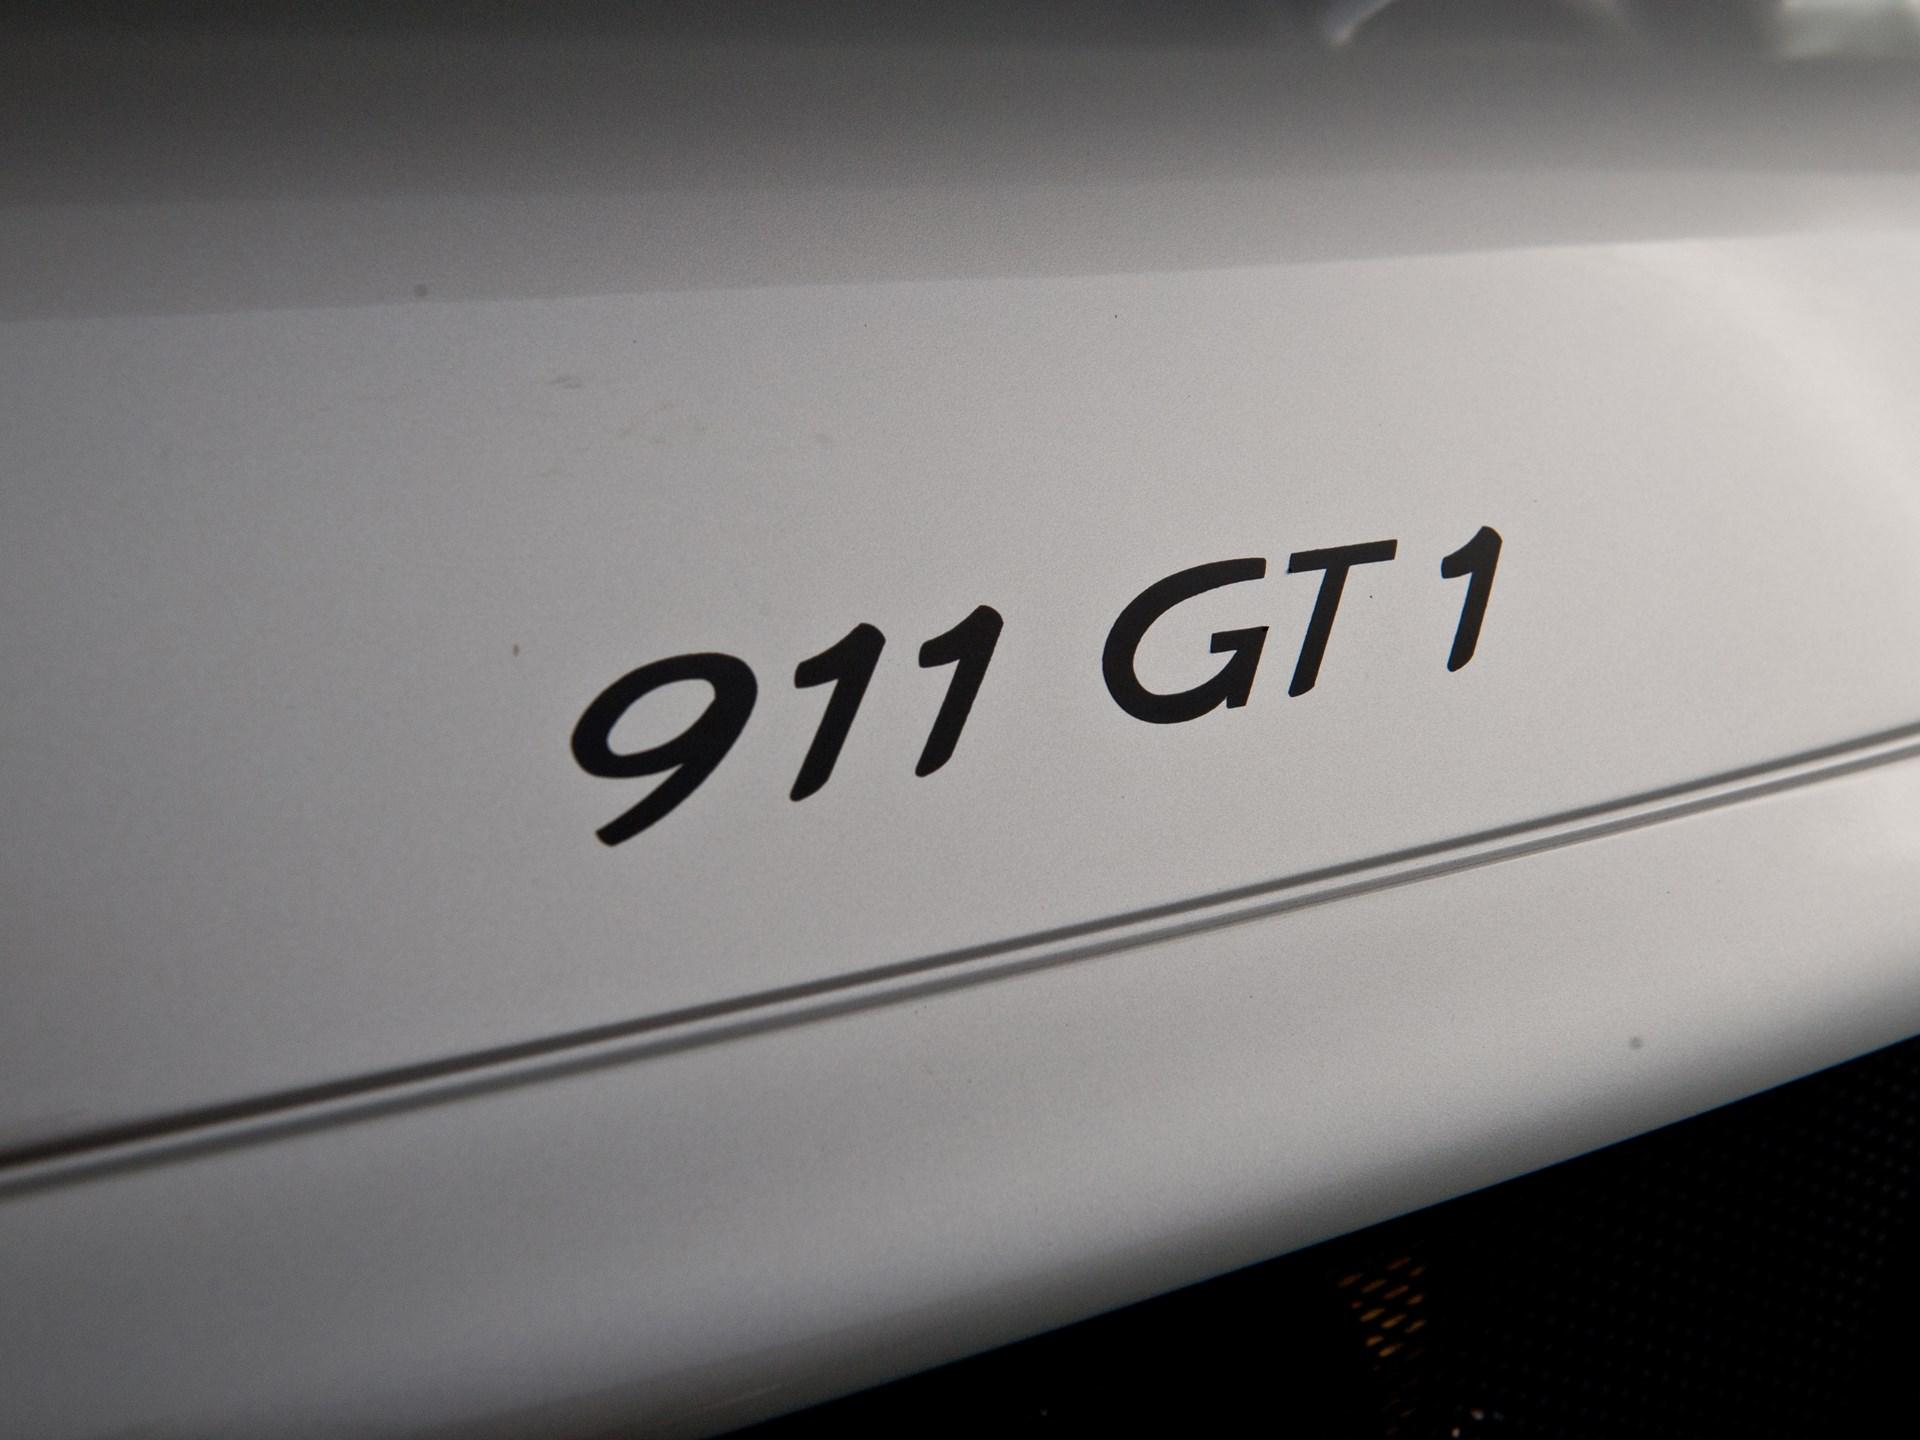 1998 Porsche 911 GT1 'Strassenversion' (Street Version)